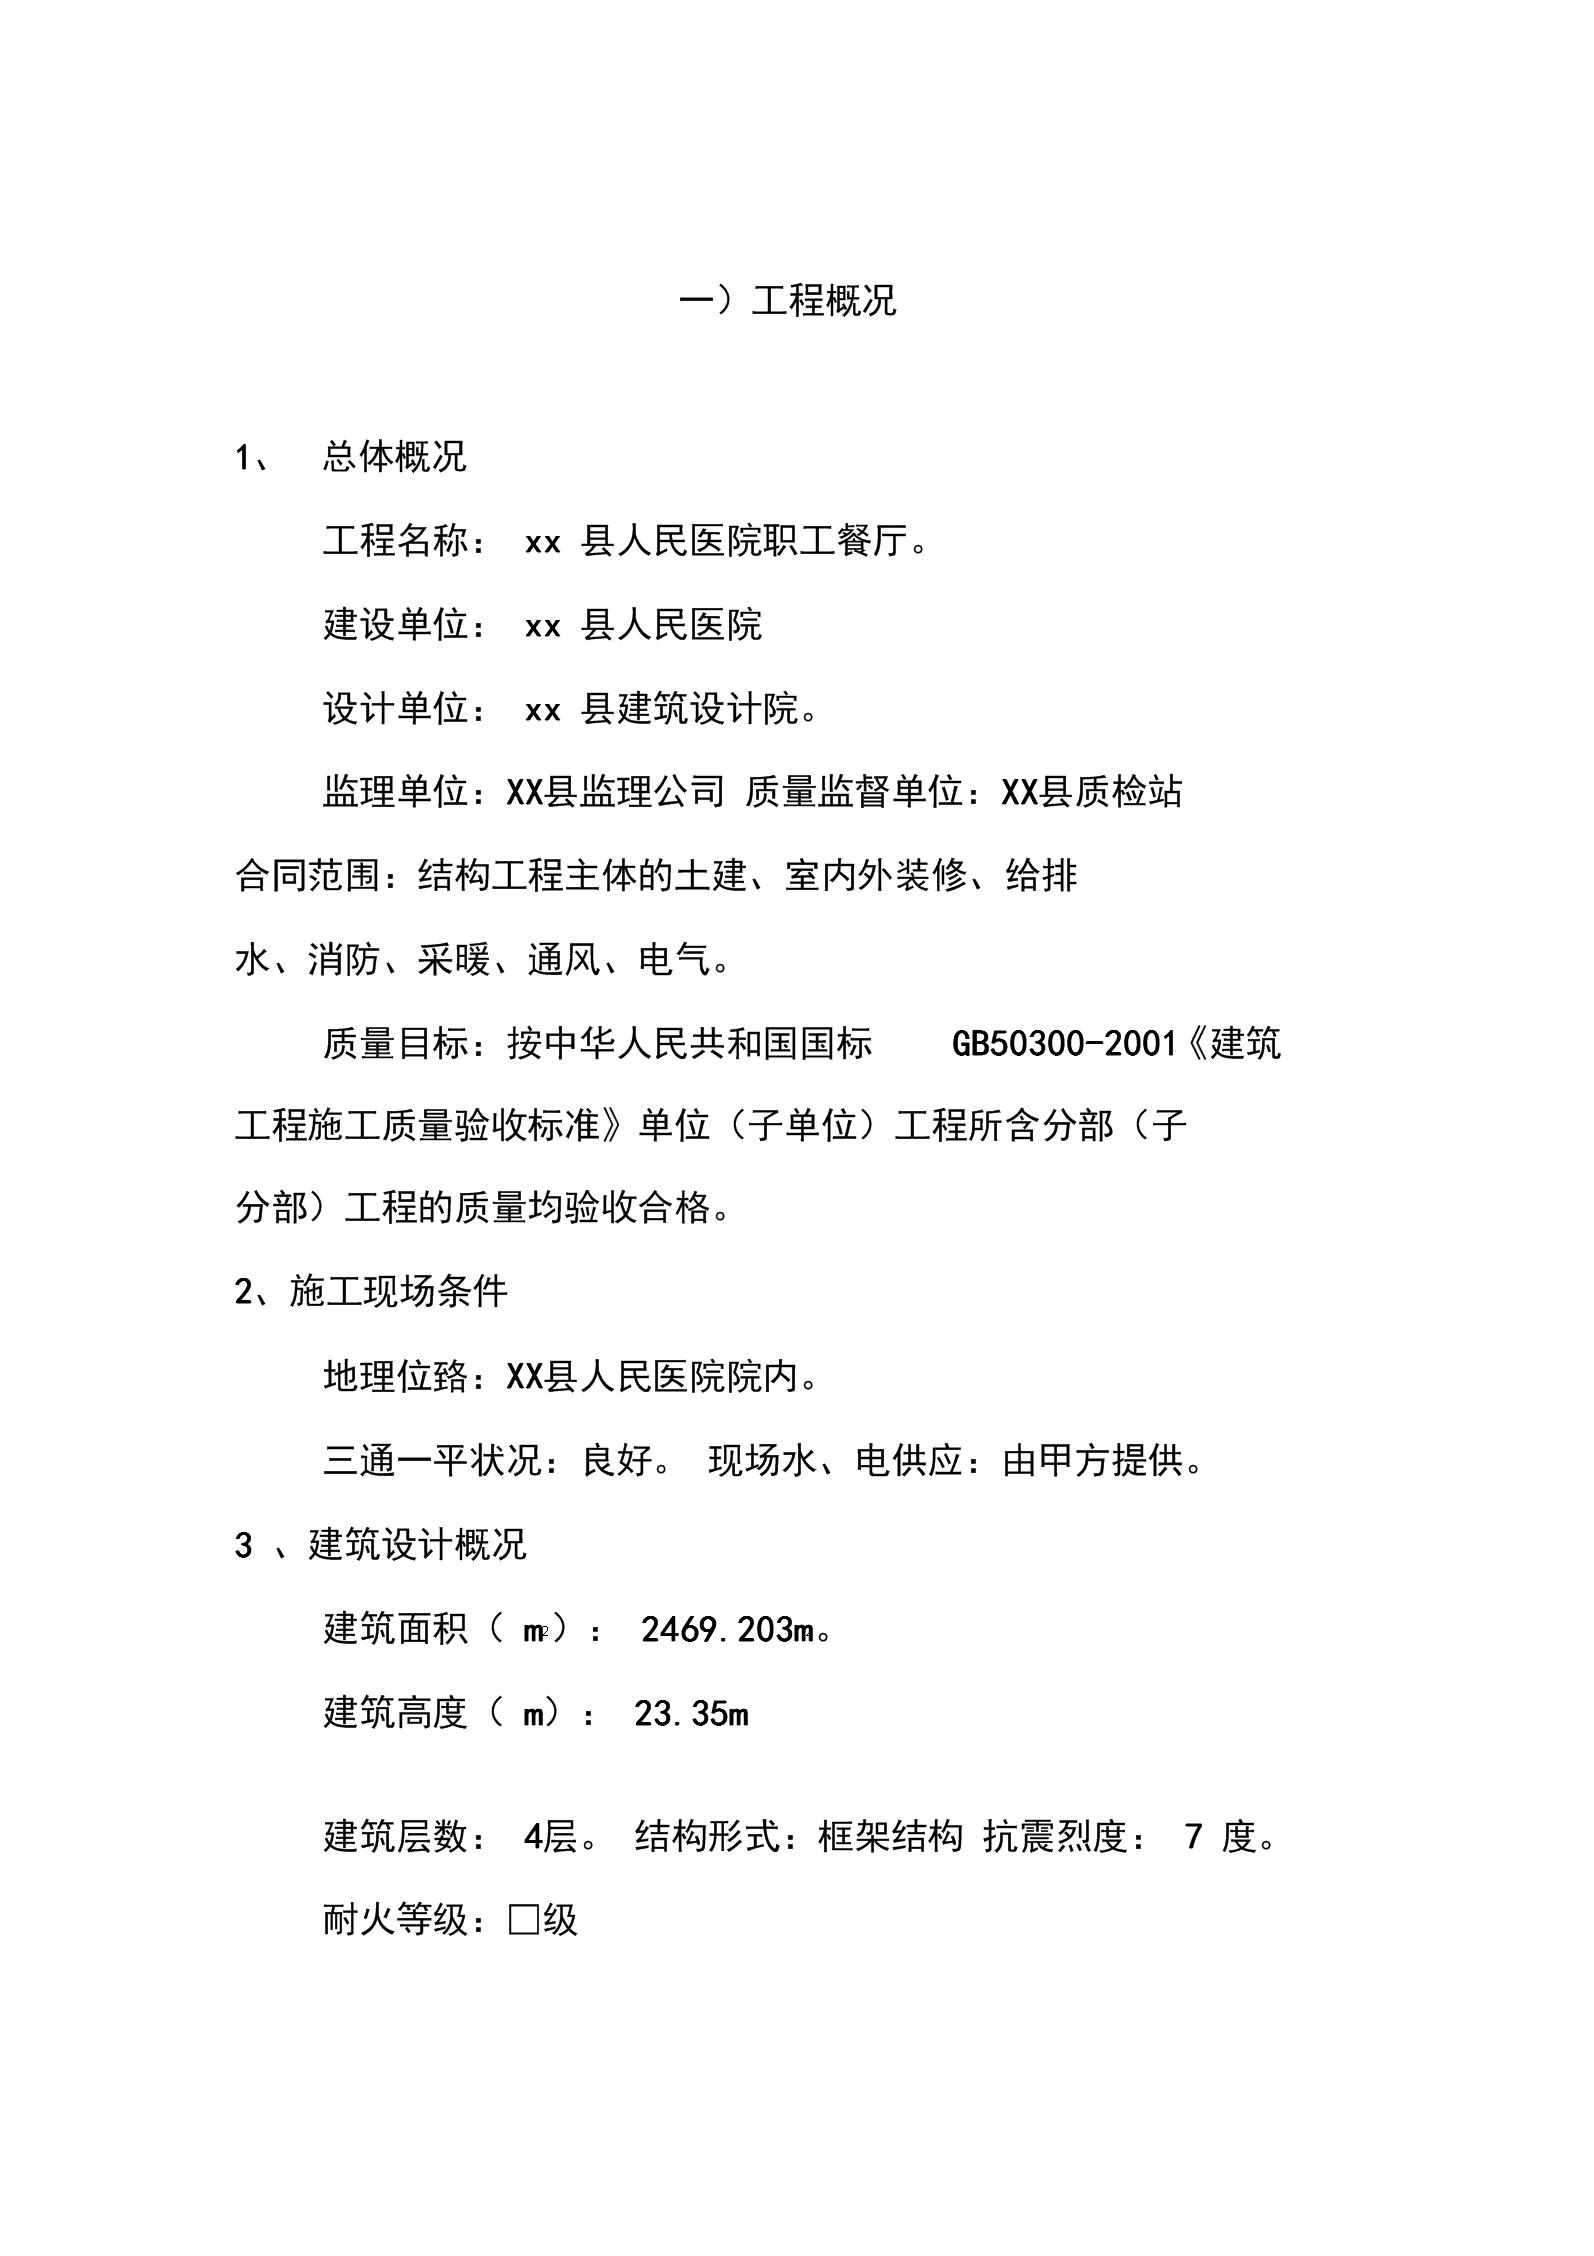 最新餐厅工程施工组织设计方案.docx